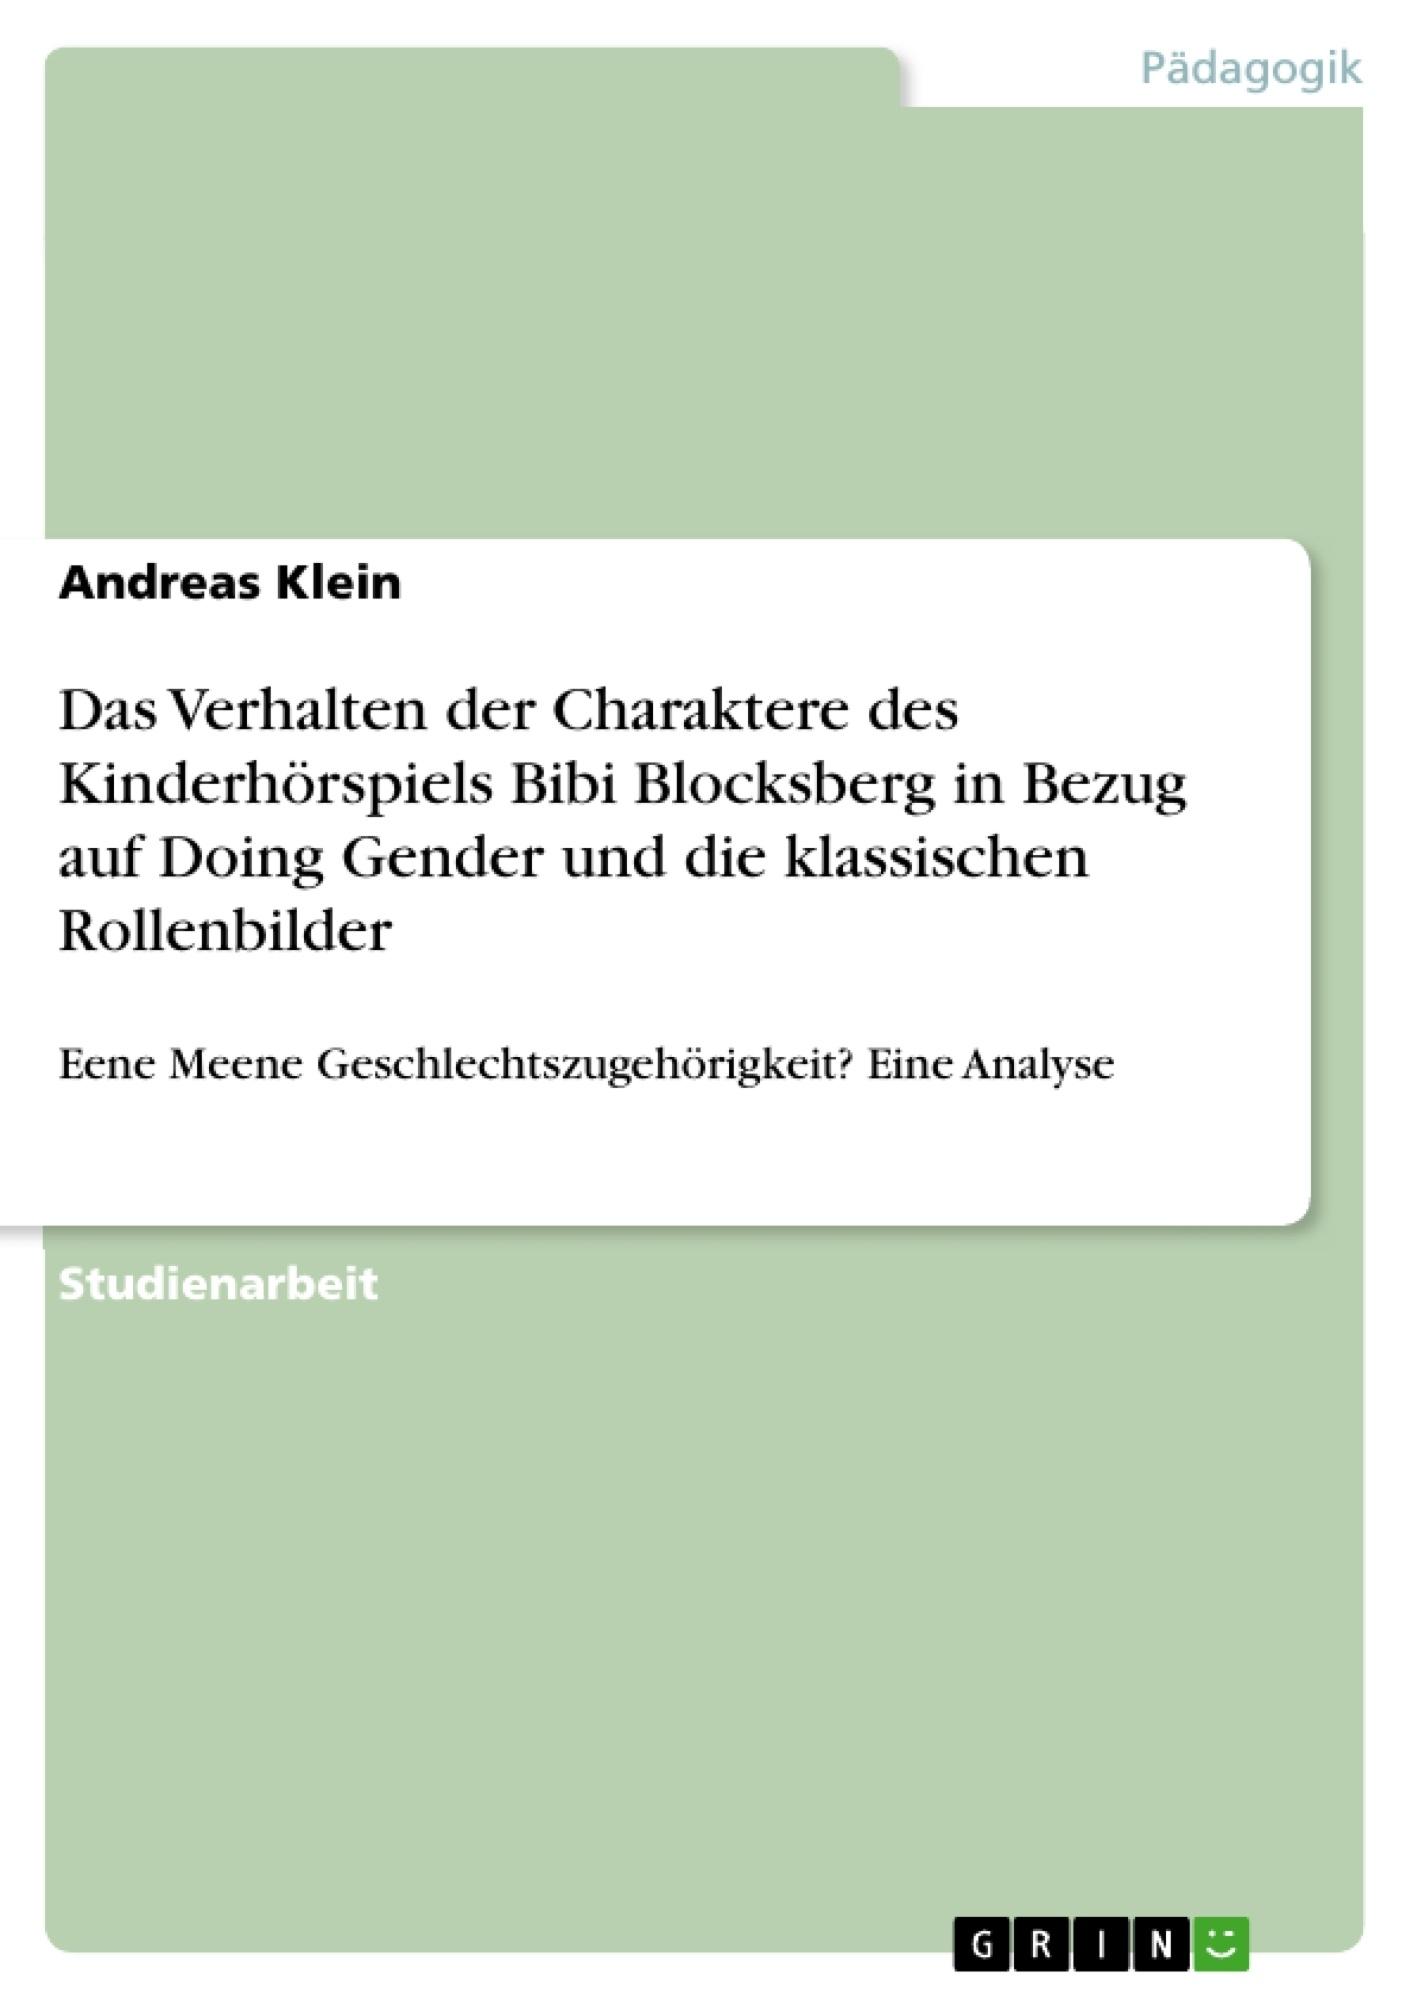 Titel: Das Verhalten der Charaktere des Kinderhörspiels Bibi Blocksberg in Bezug auf Doing Gender und die klassischen Rollenbilder